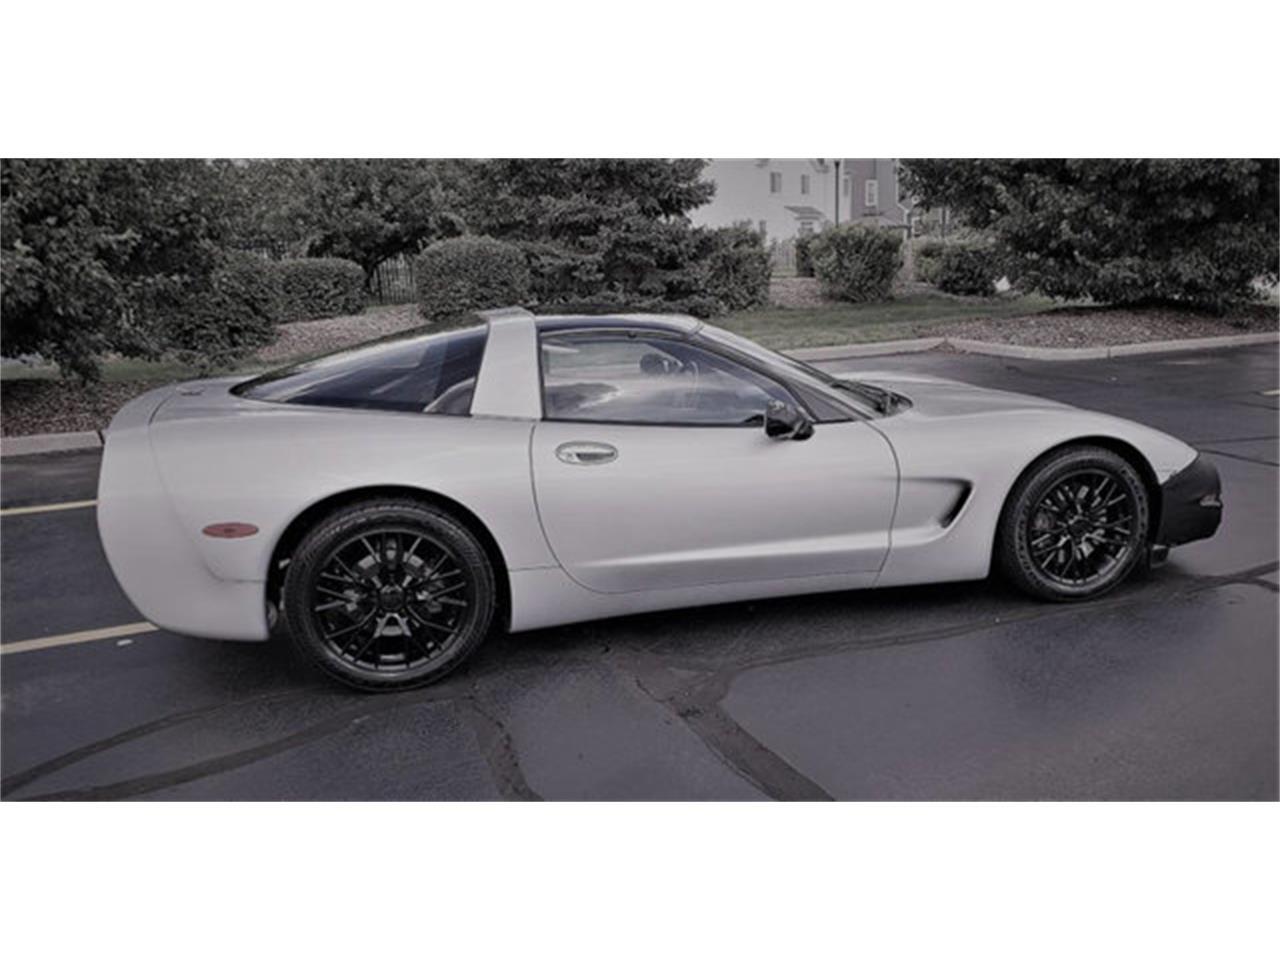 1998 Chevrolet Corvette (CC-1258140) for sale in Long Island, New York